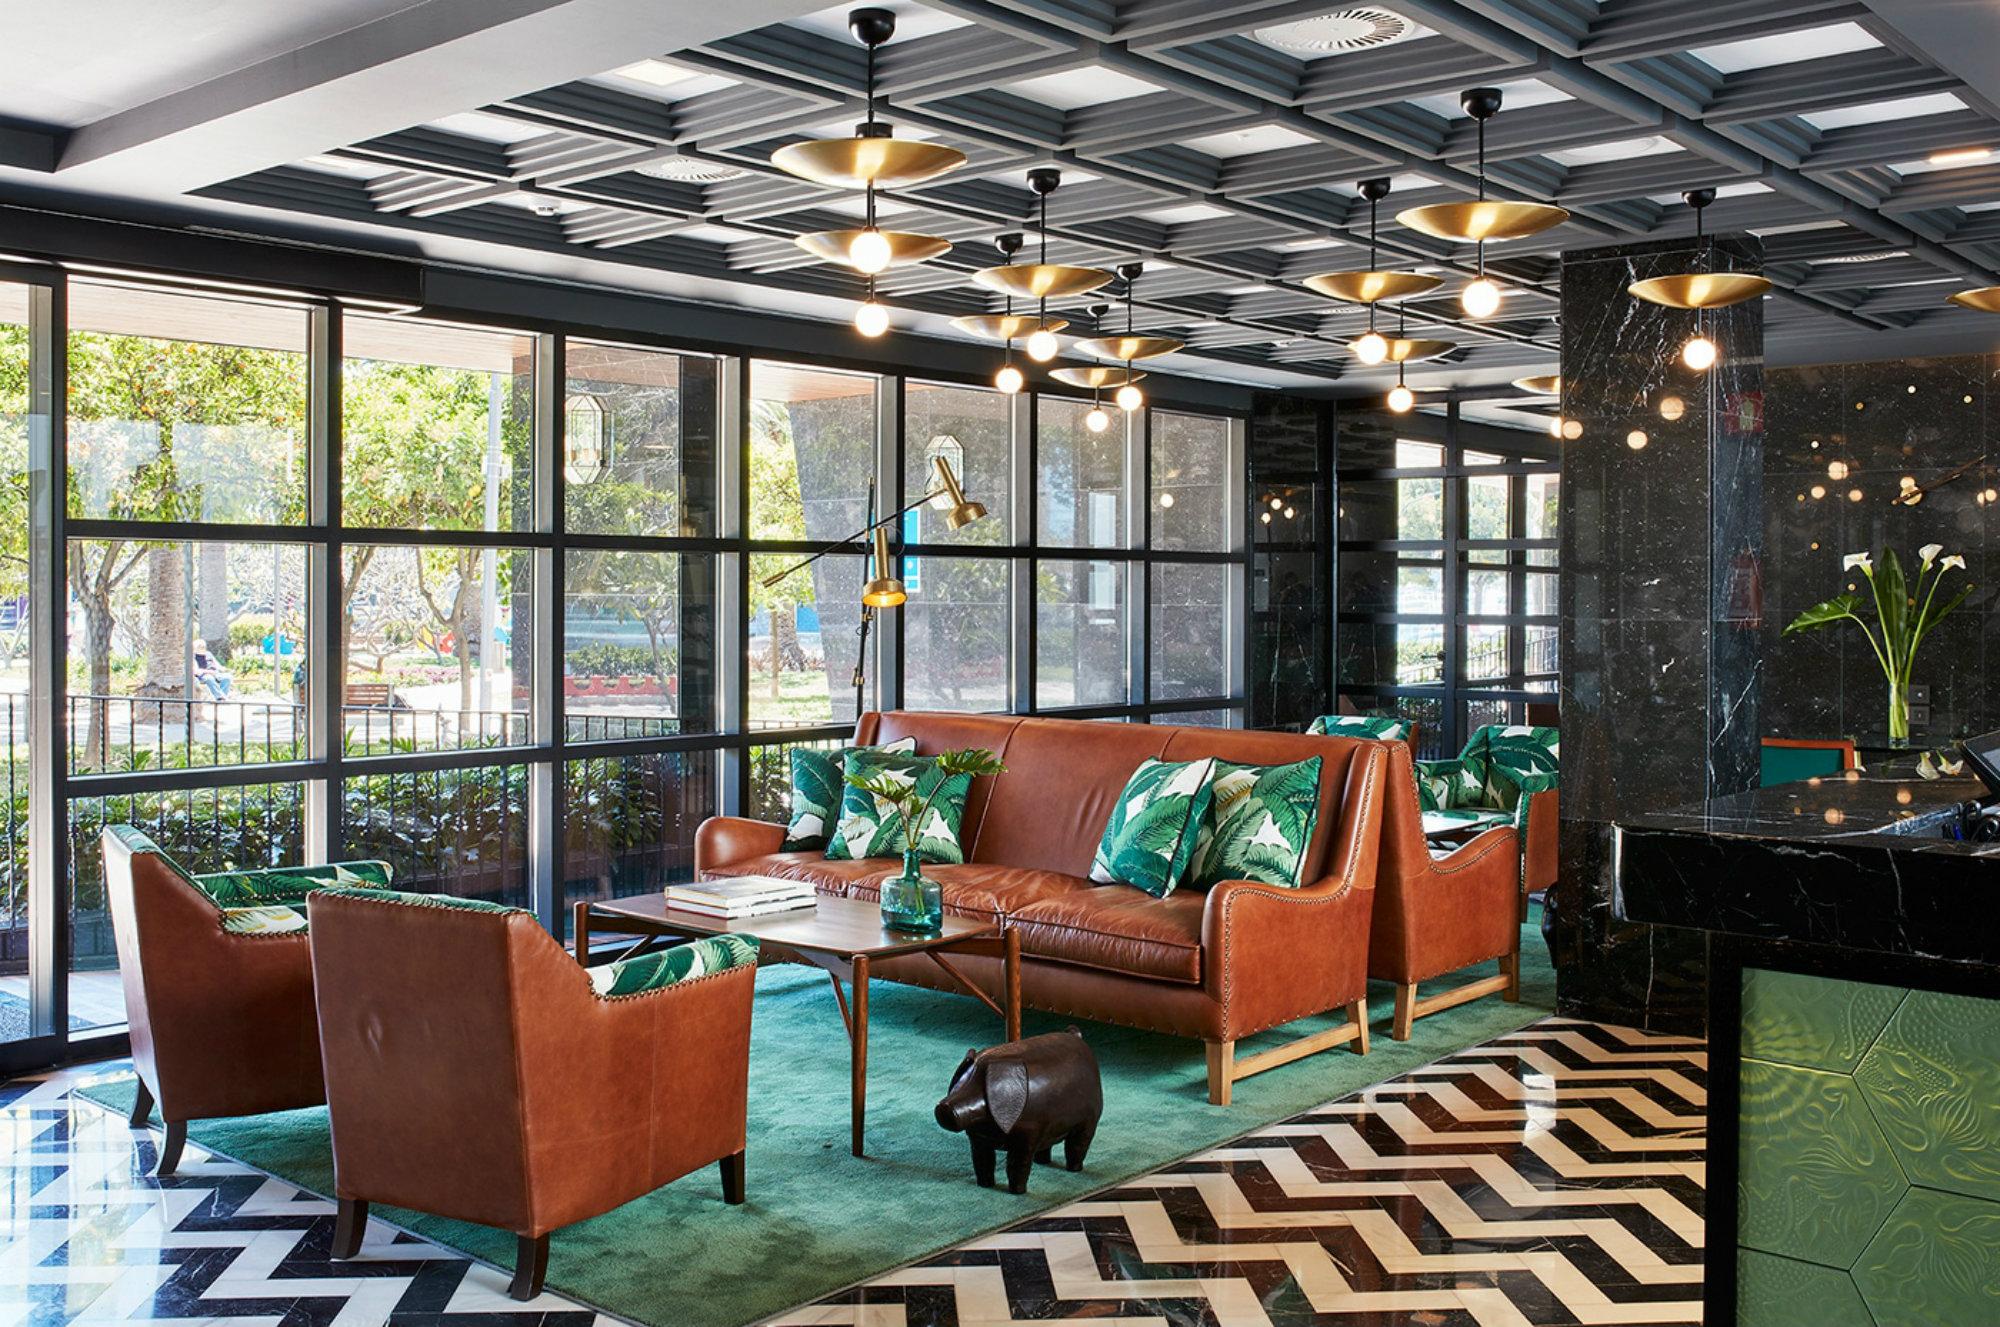 Melían Randolph un estudio de interiorismo lujuoso y exclusivo en Madrid melían randolph Melían Randolph un estudio de interiorismo lujuoso y exclusivo en Madrid Featured 6